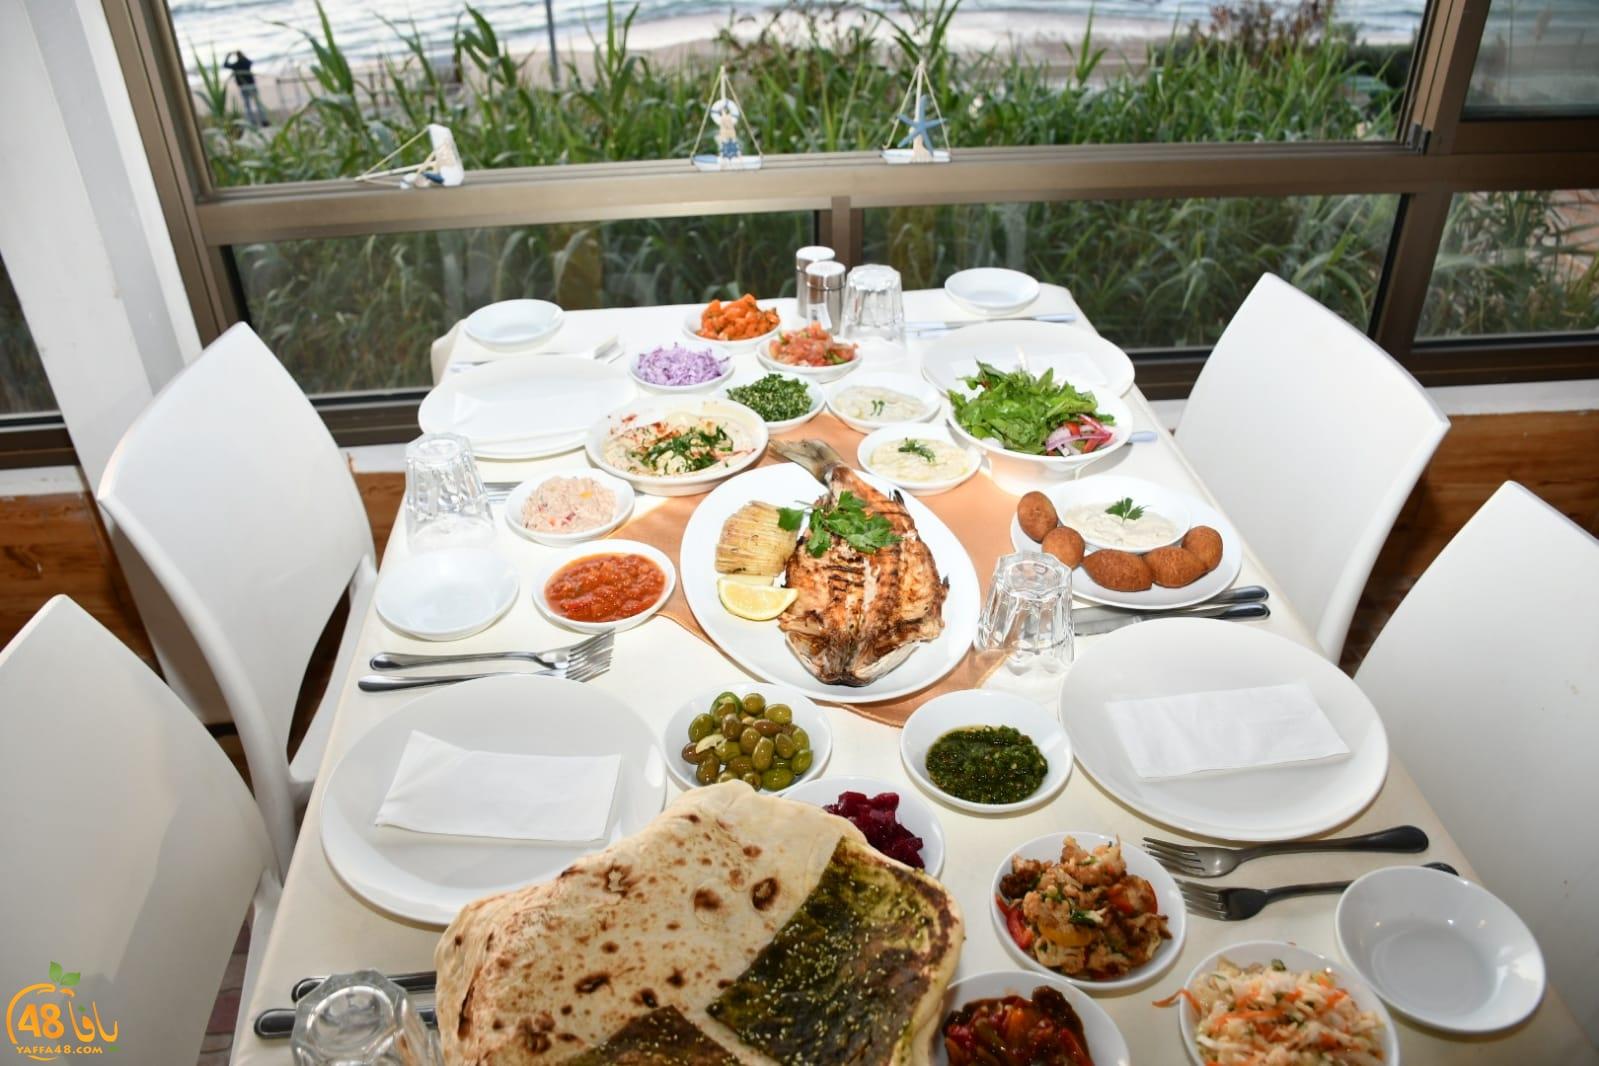 وأخيراً: افتتاح مطعم عروس البحر باباي الأقرب لشاطئ بحر يافا